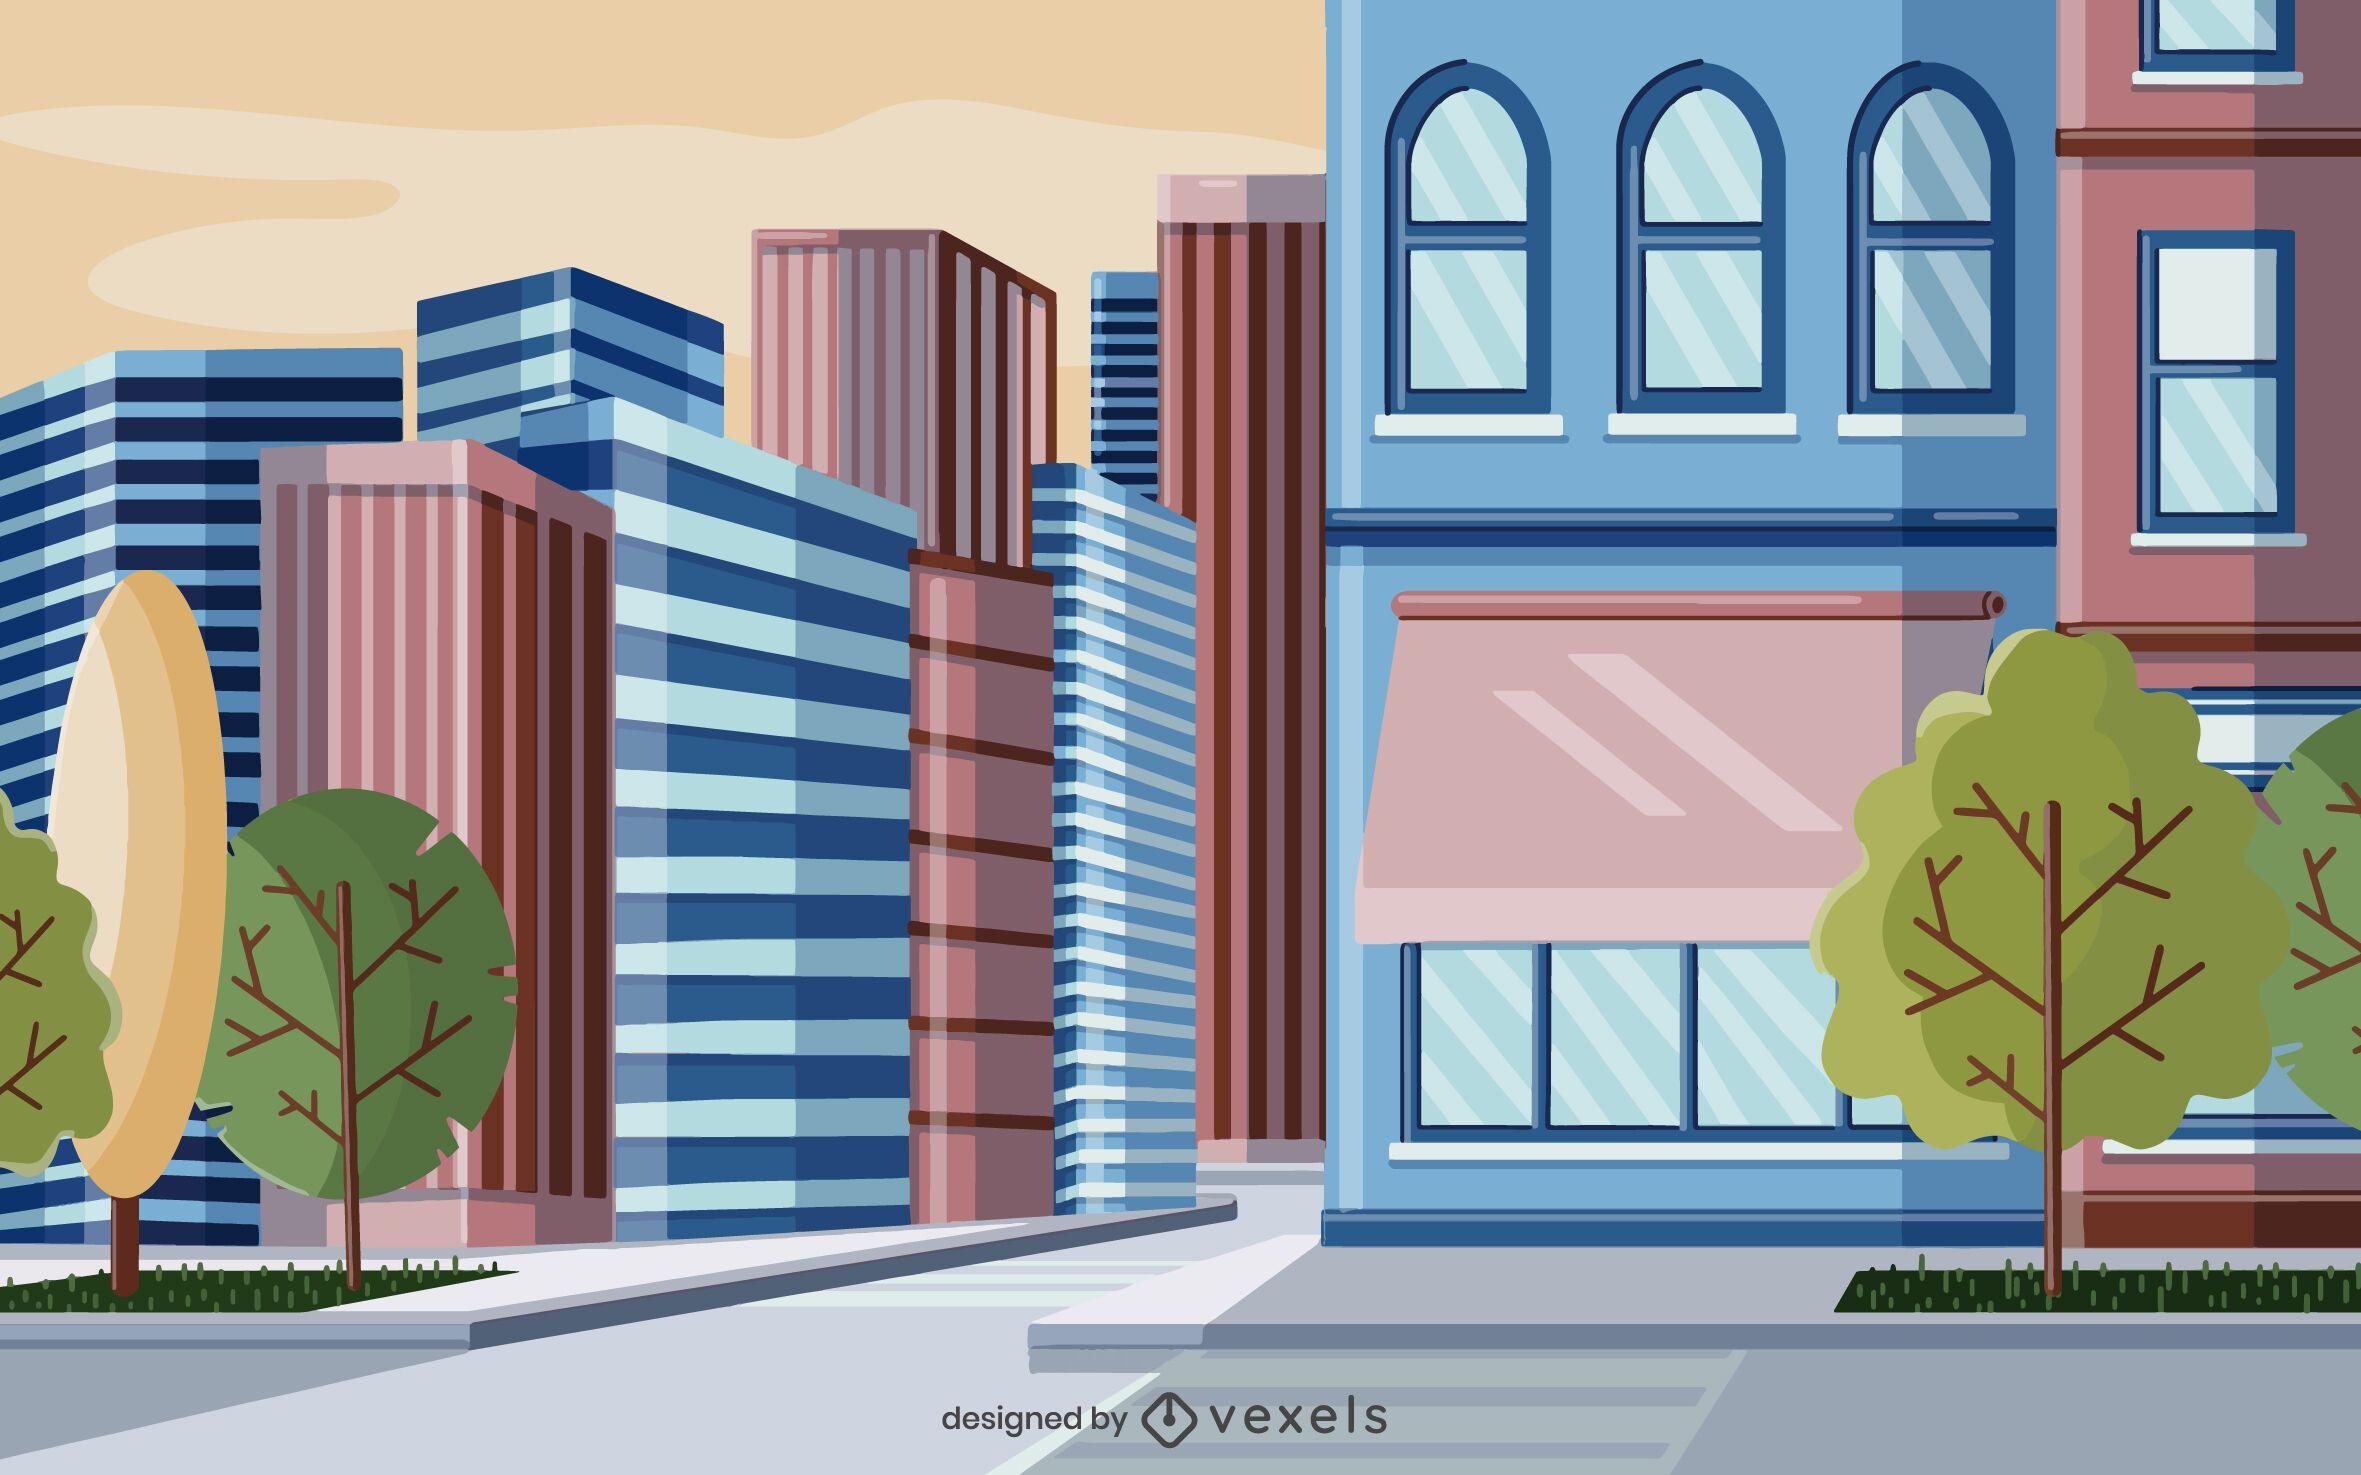 diseño de ilustración de edificios de la ciudad